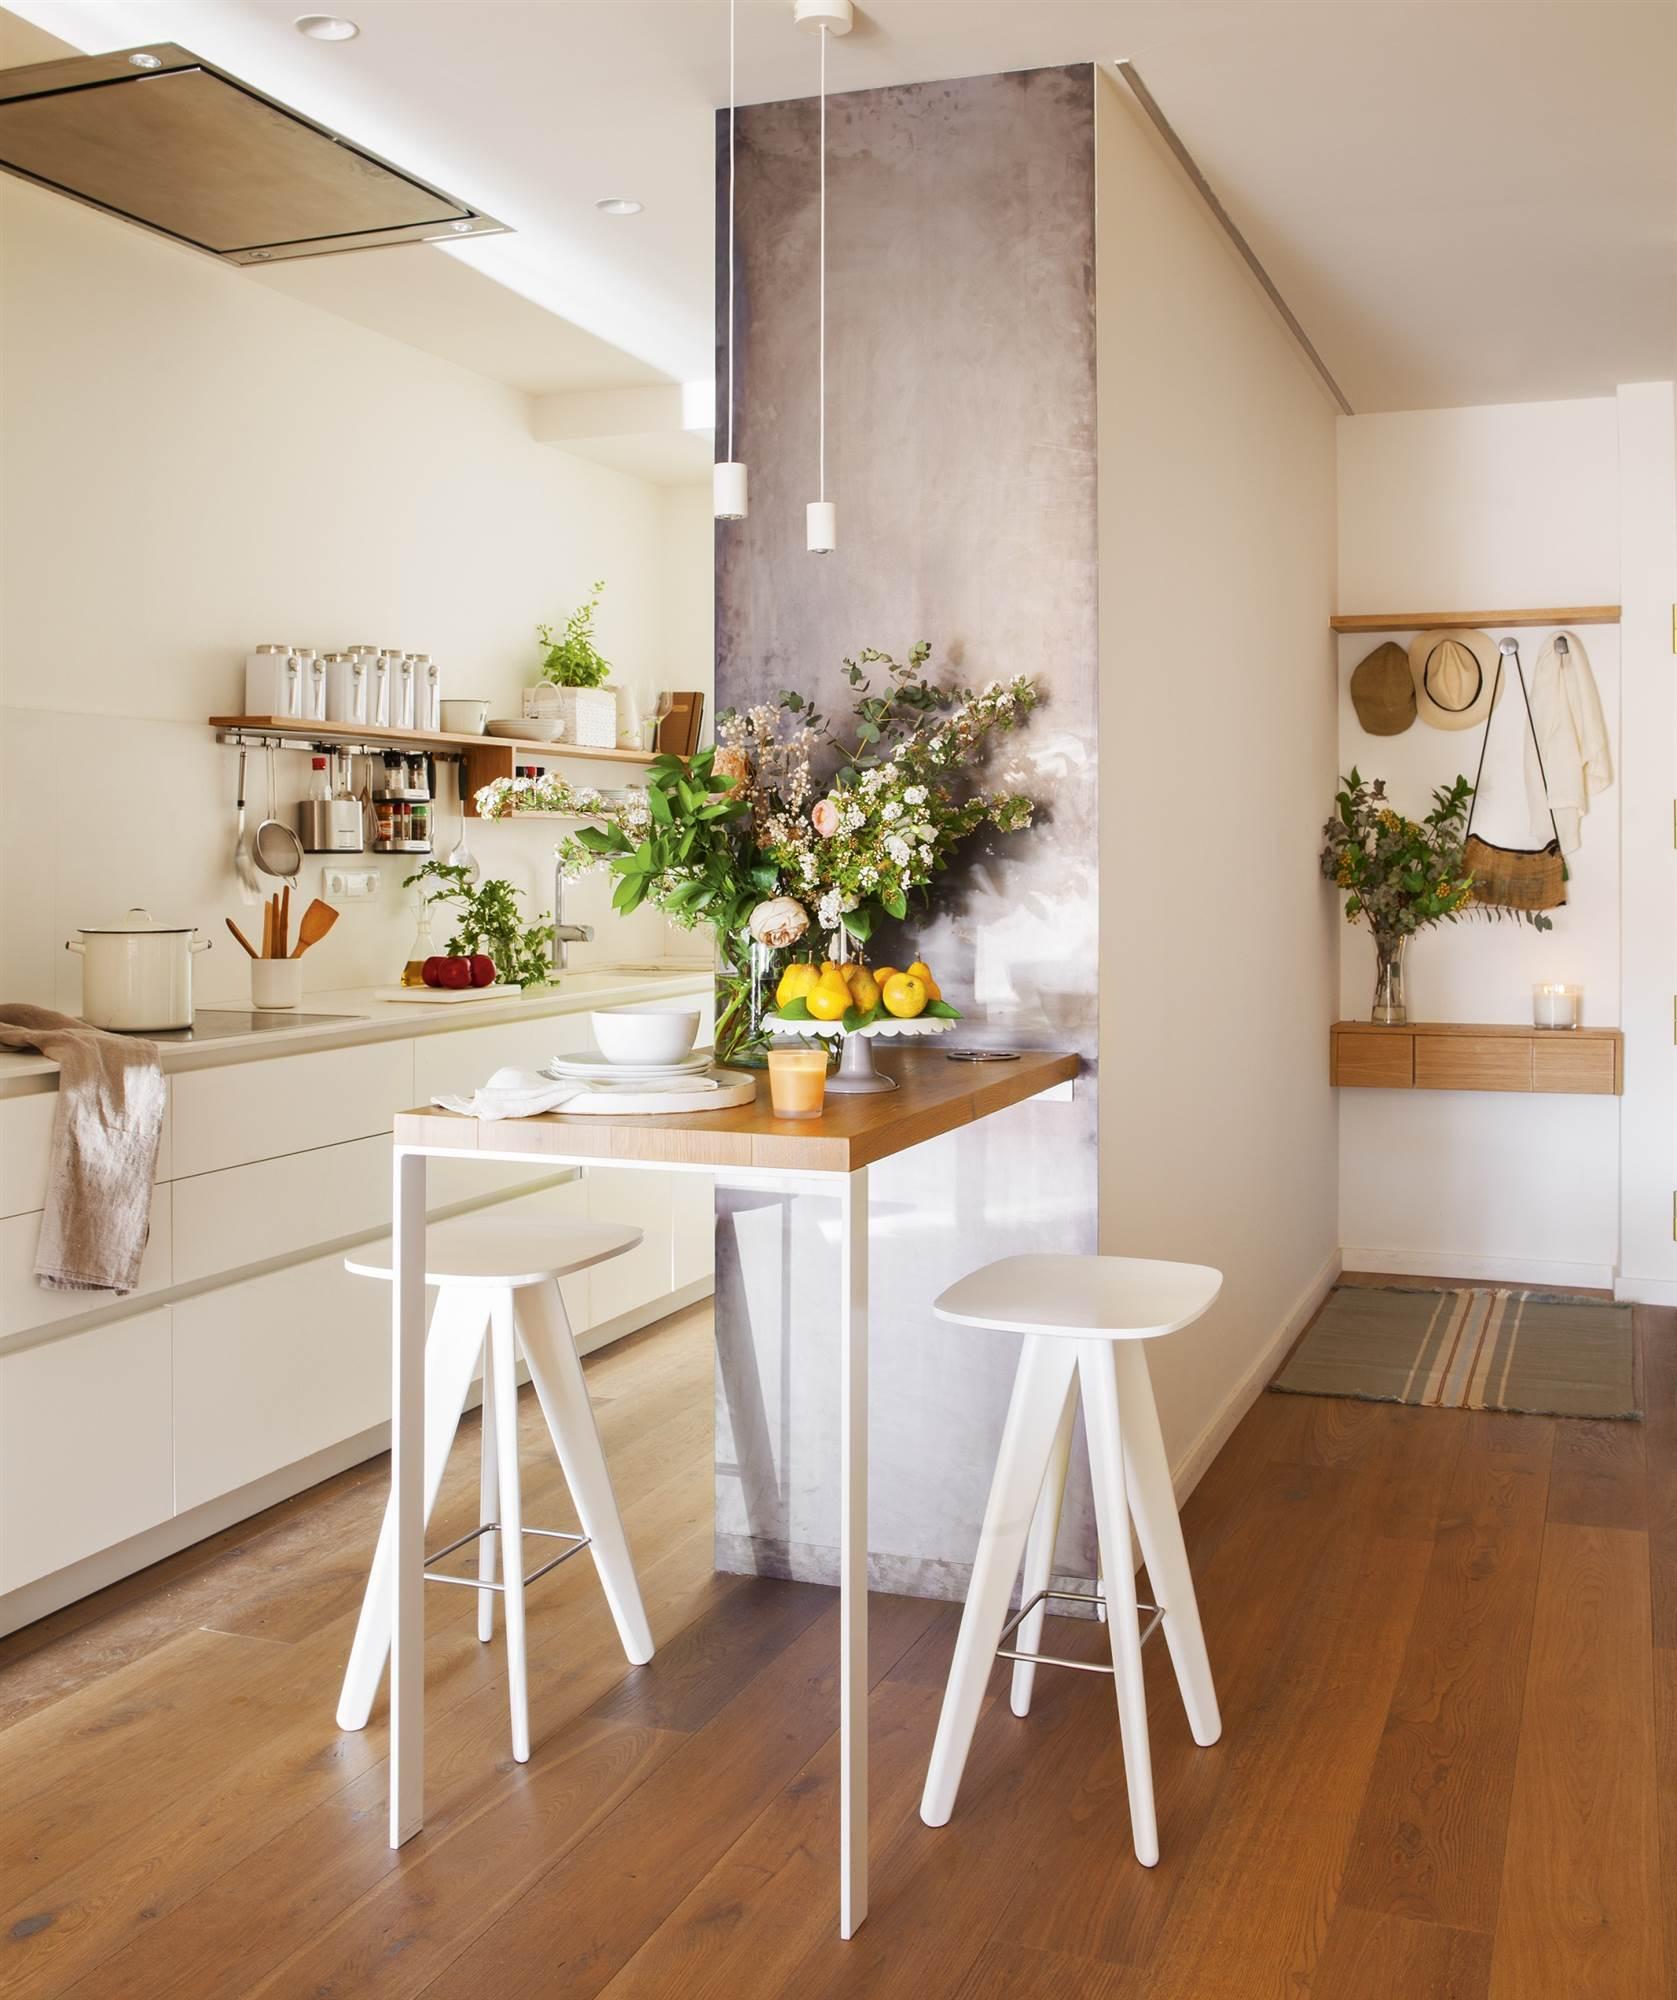 Ideas para aprovechar los espacios peque os for Cocinas en espacios reducidos fotos